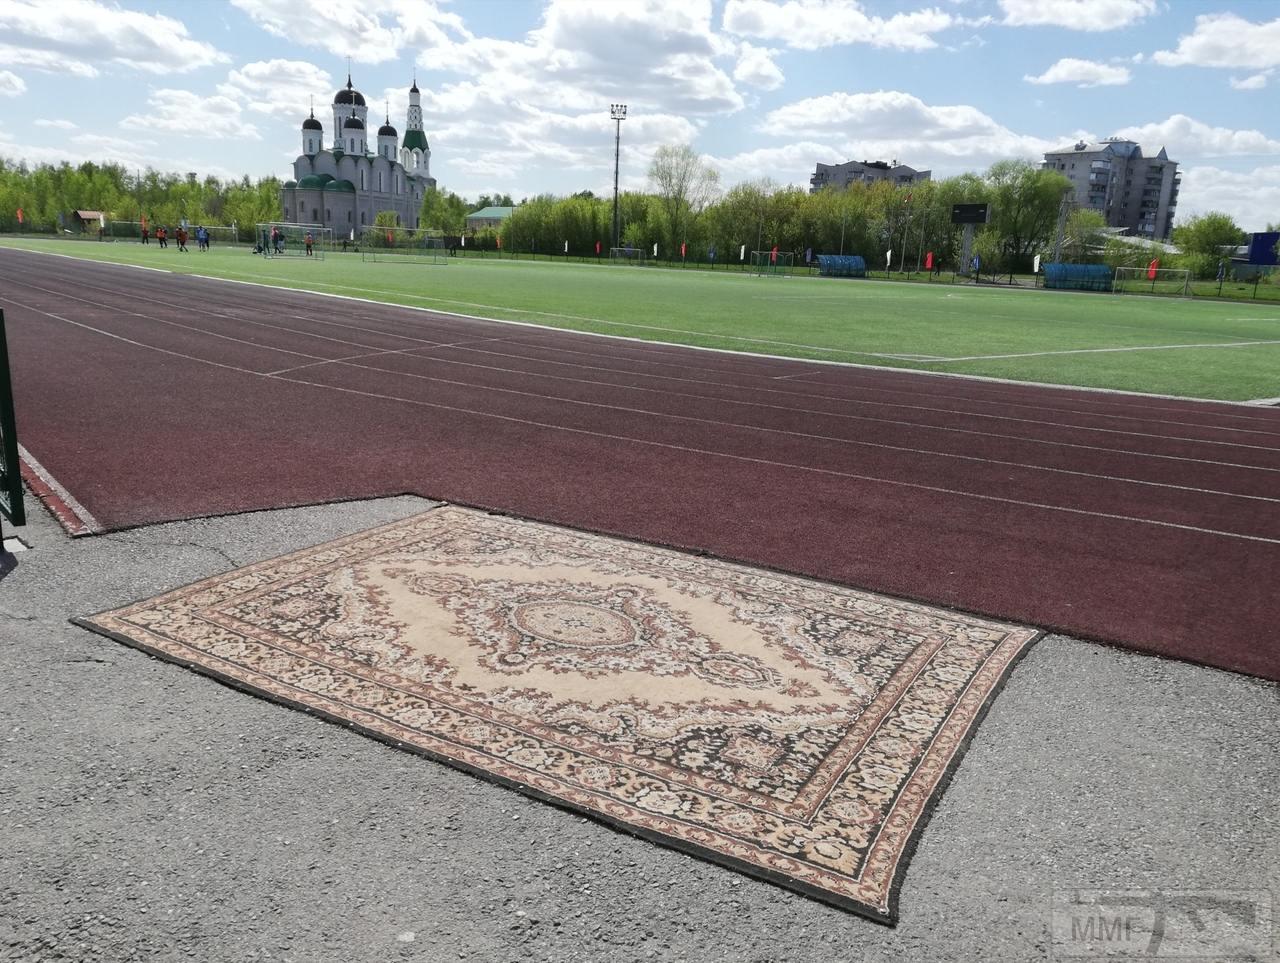 58900 - А в России чудеса!